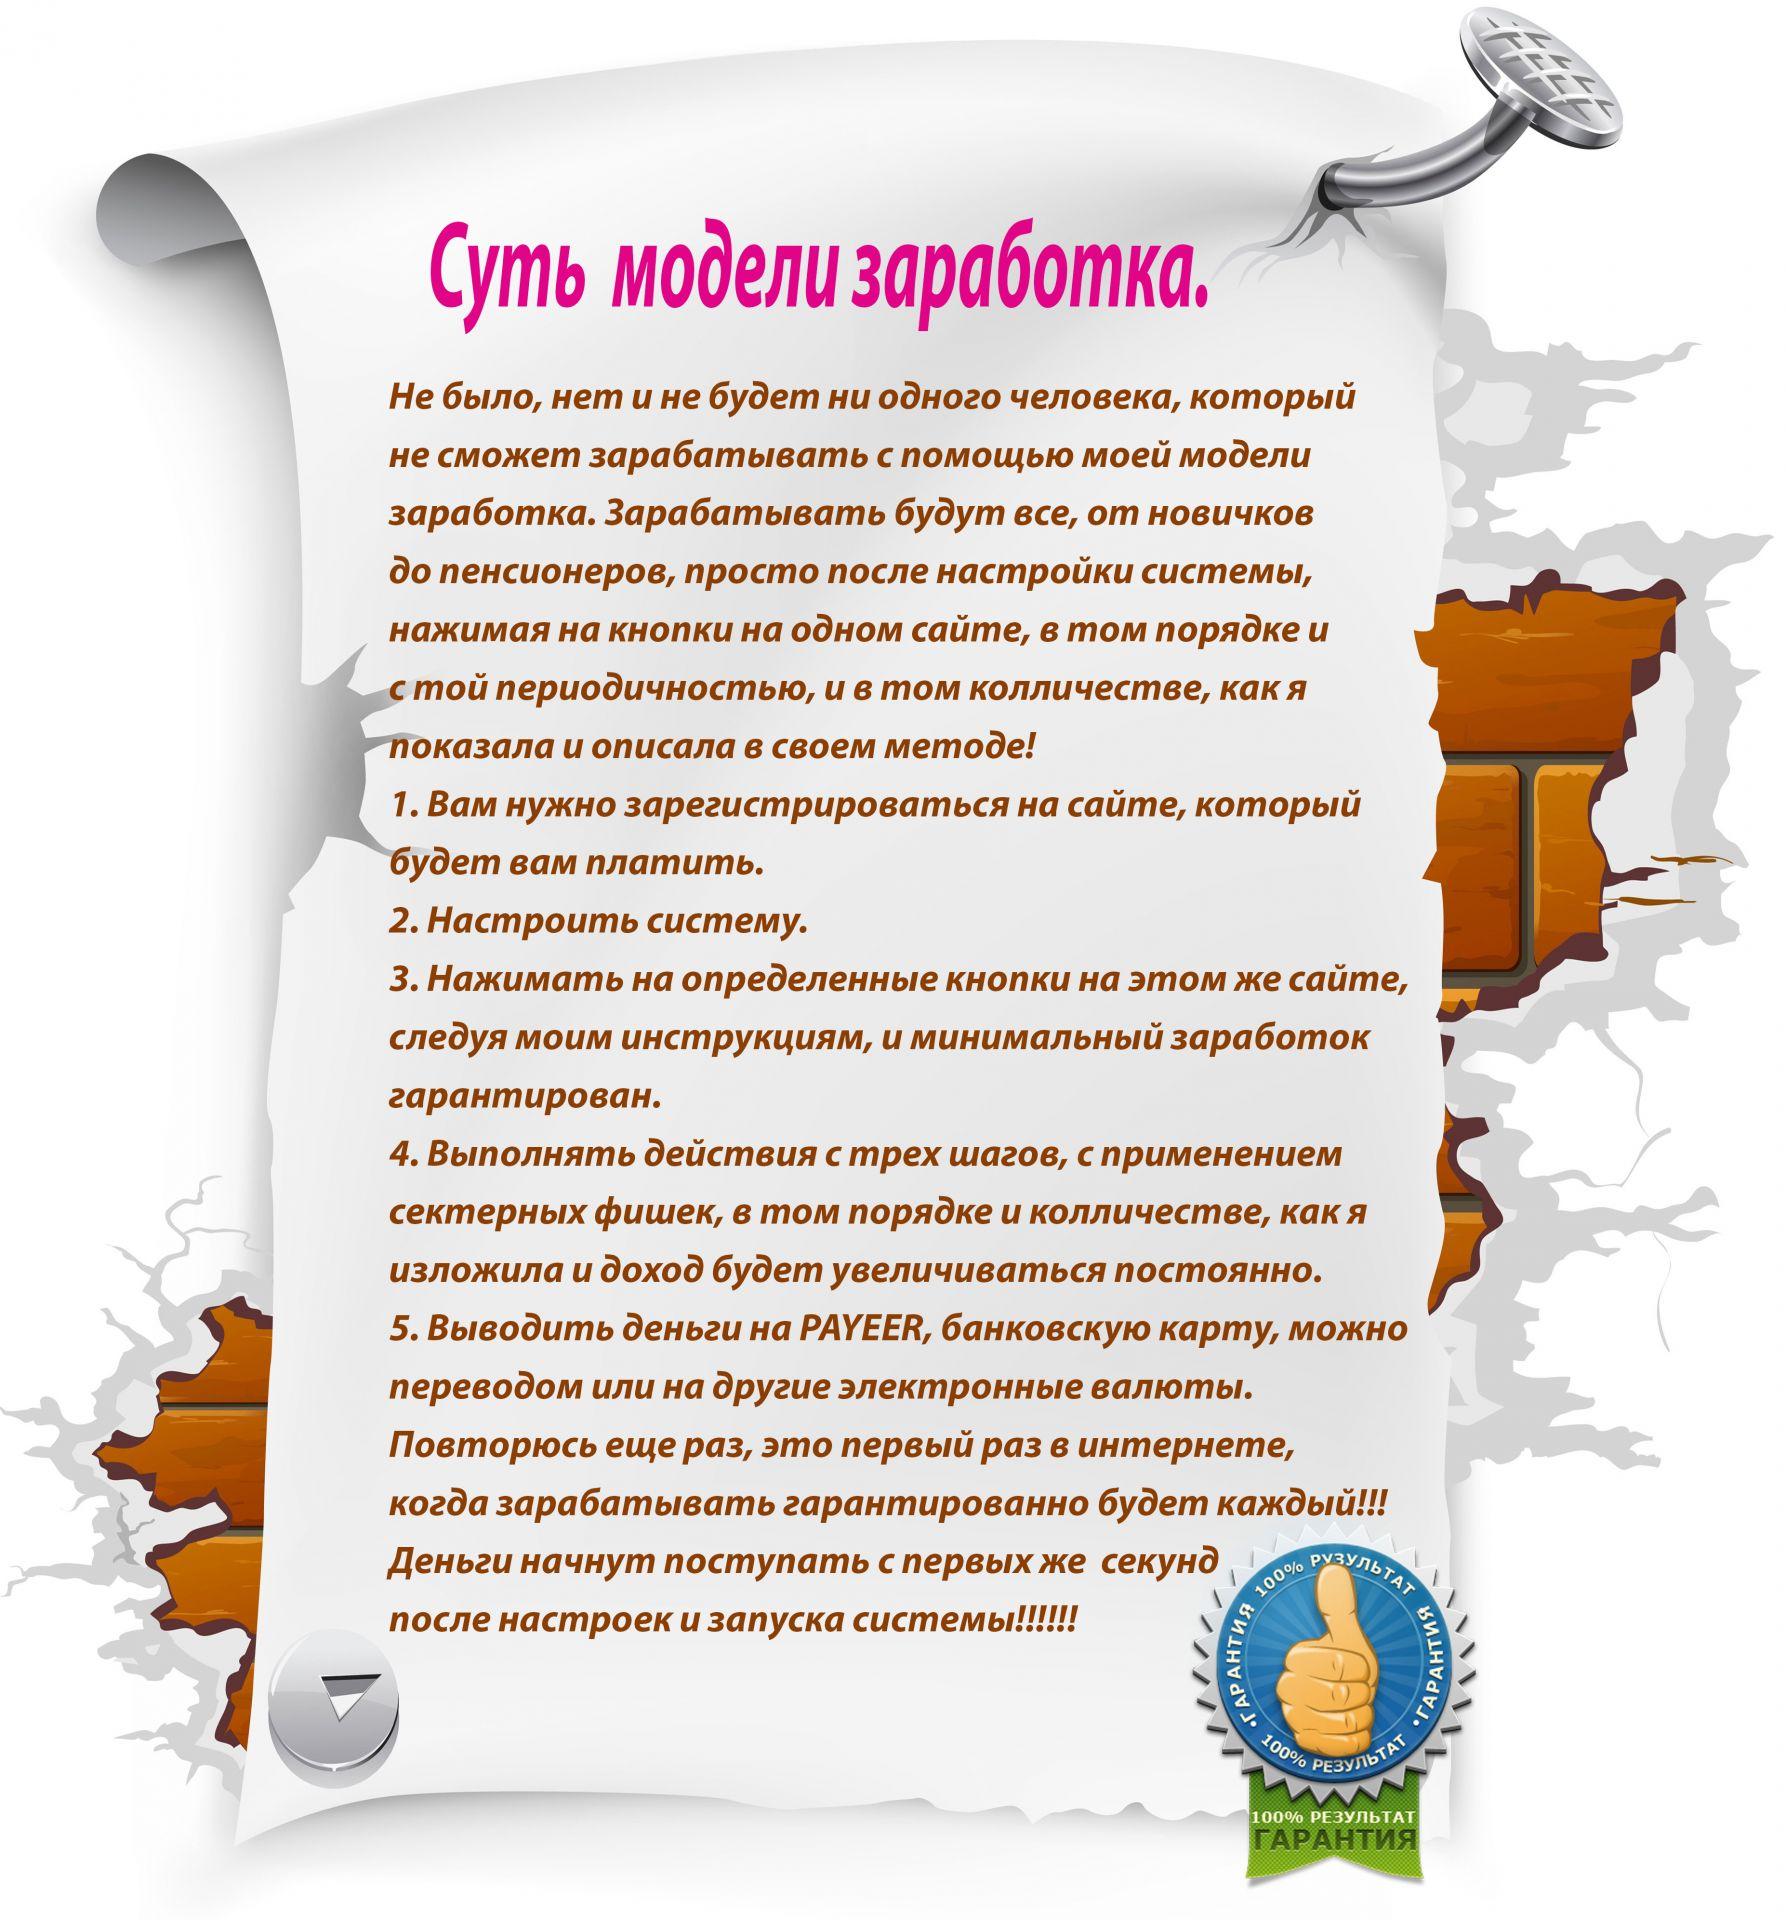 http://u1.platformalp.ru/de7da23f619bdd6fda2342872f2376bc/31001fdccac3bf8267f43f72cdc55e12.jpg